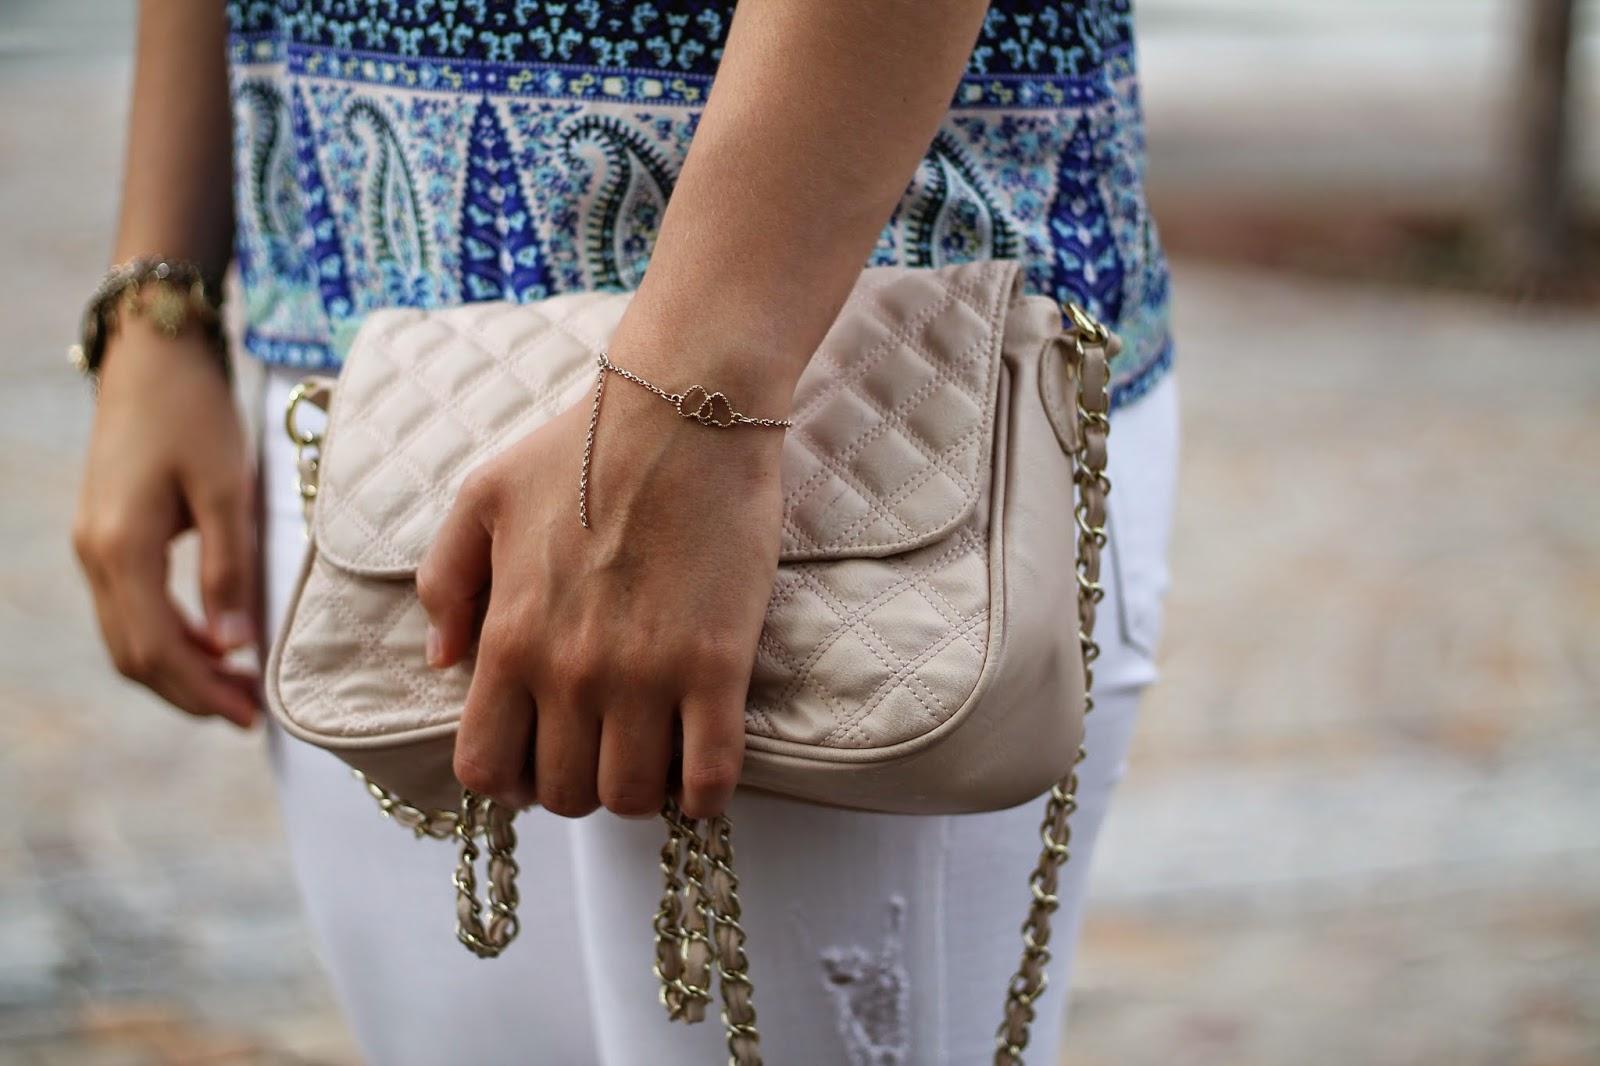 Fashionblogger Austria / Österreich / Deutsch / German / Kärnten / Carinthia / Klagenfurt / Köttmannsdorf / Spring Look / Classy / Edgy / Summer / Summer Style 2014 / Summer Look / Fashionista Look /   / Summer Look / Mango / Tally Weijl / Asos / Ray Ban / Primark / Camisole Top / White Jeans / Ray Ban Aviator Sunglasses /